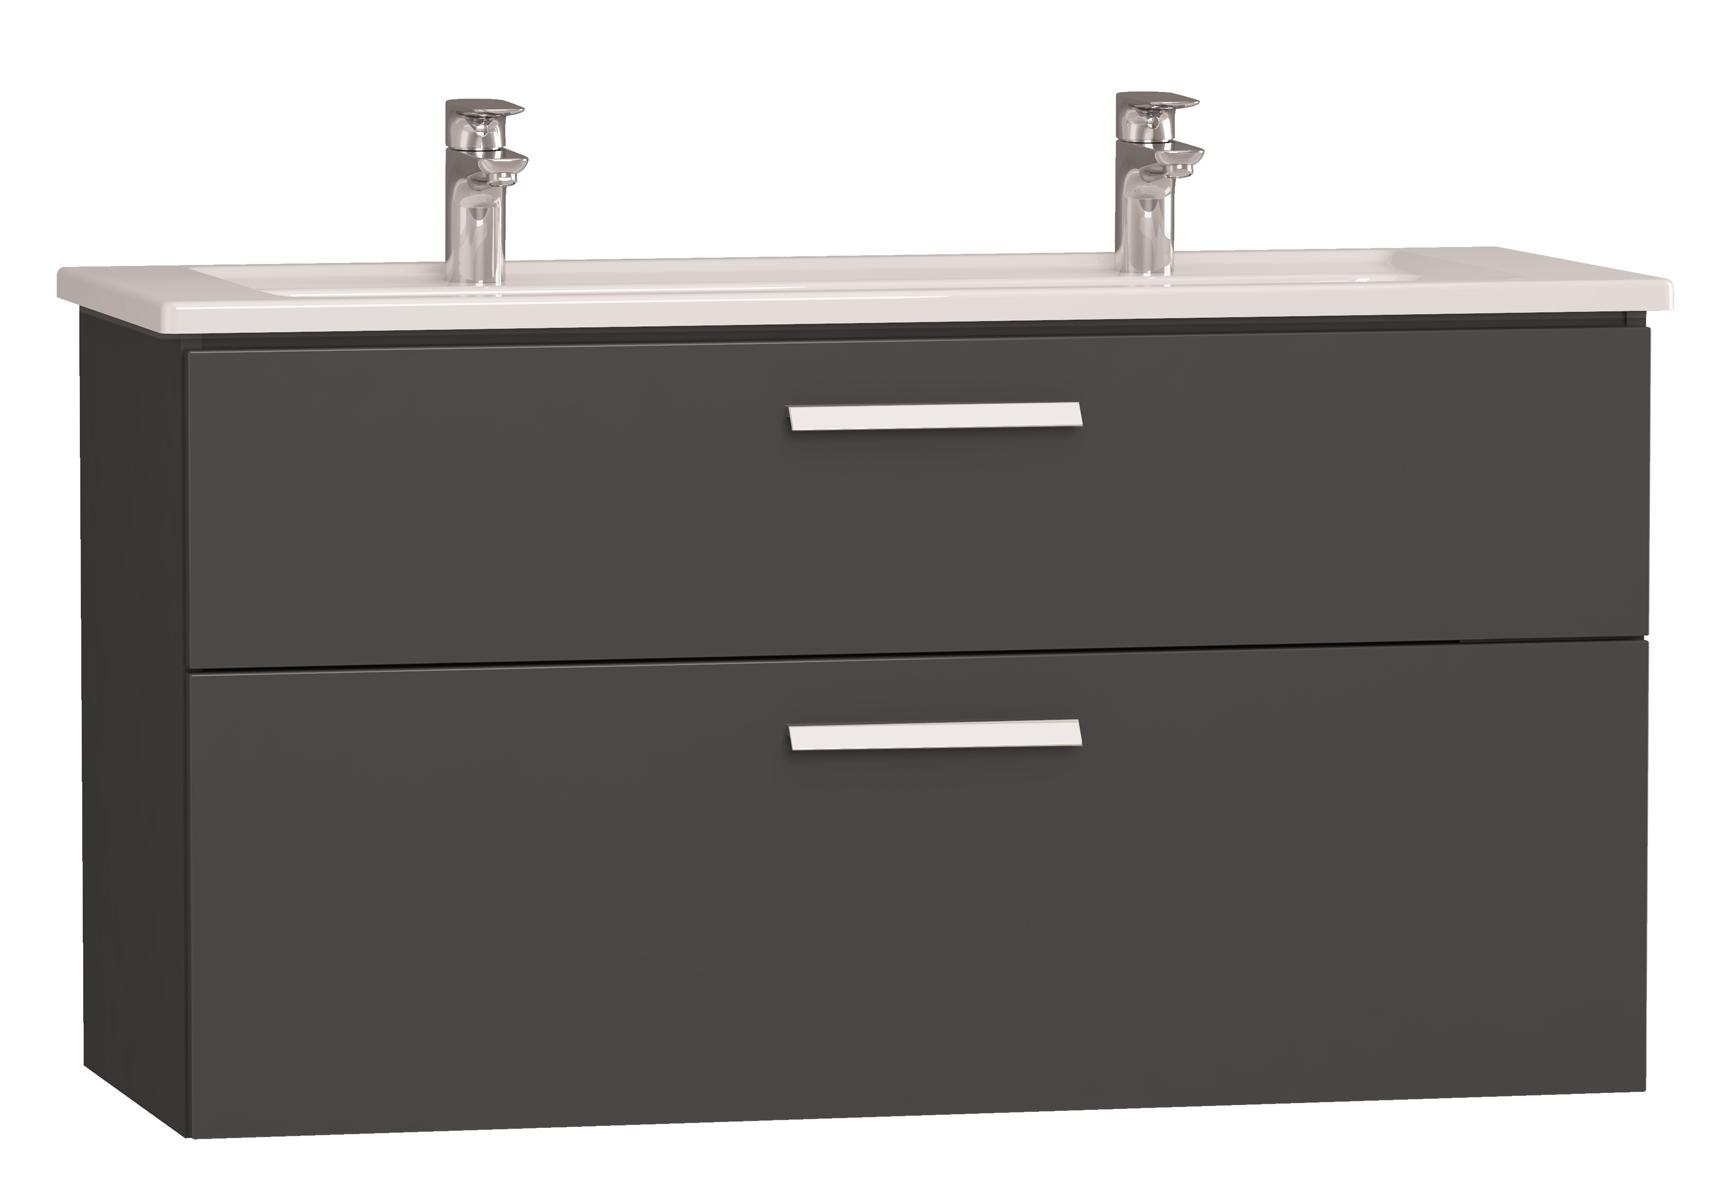 Integra meuble avec plan céramique avec deux trous centraux pour robinet, 120 cm, anthraciteacite haute brillance